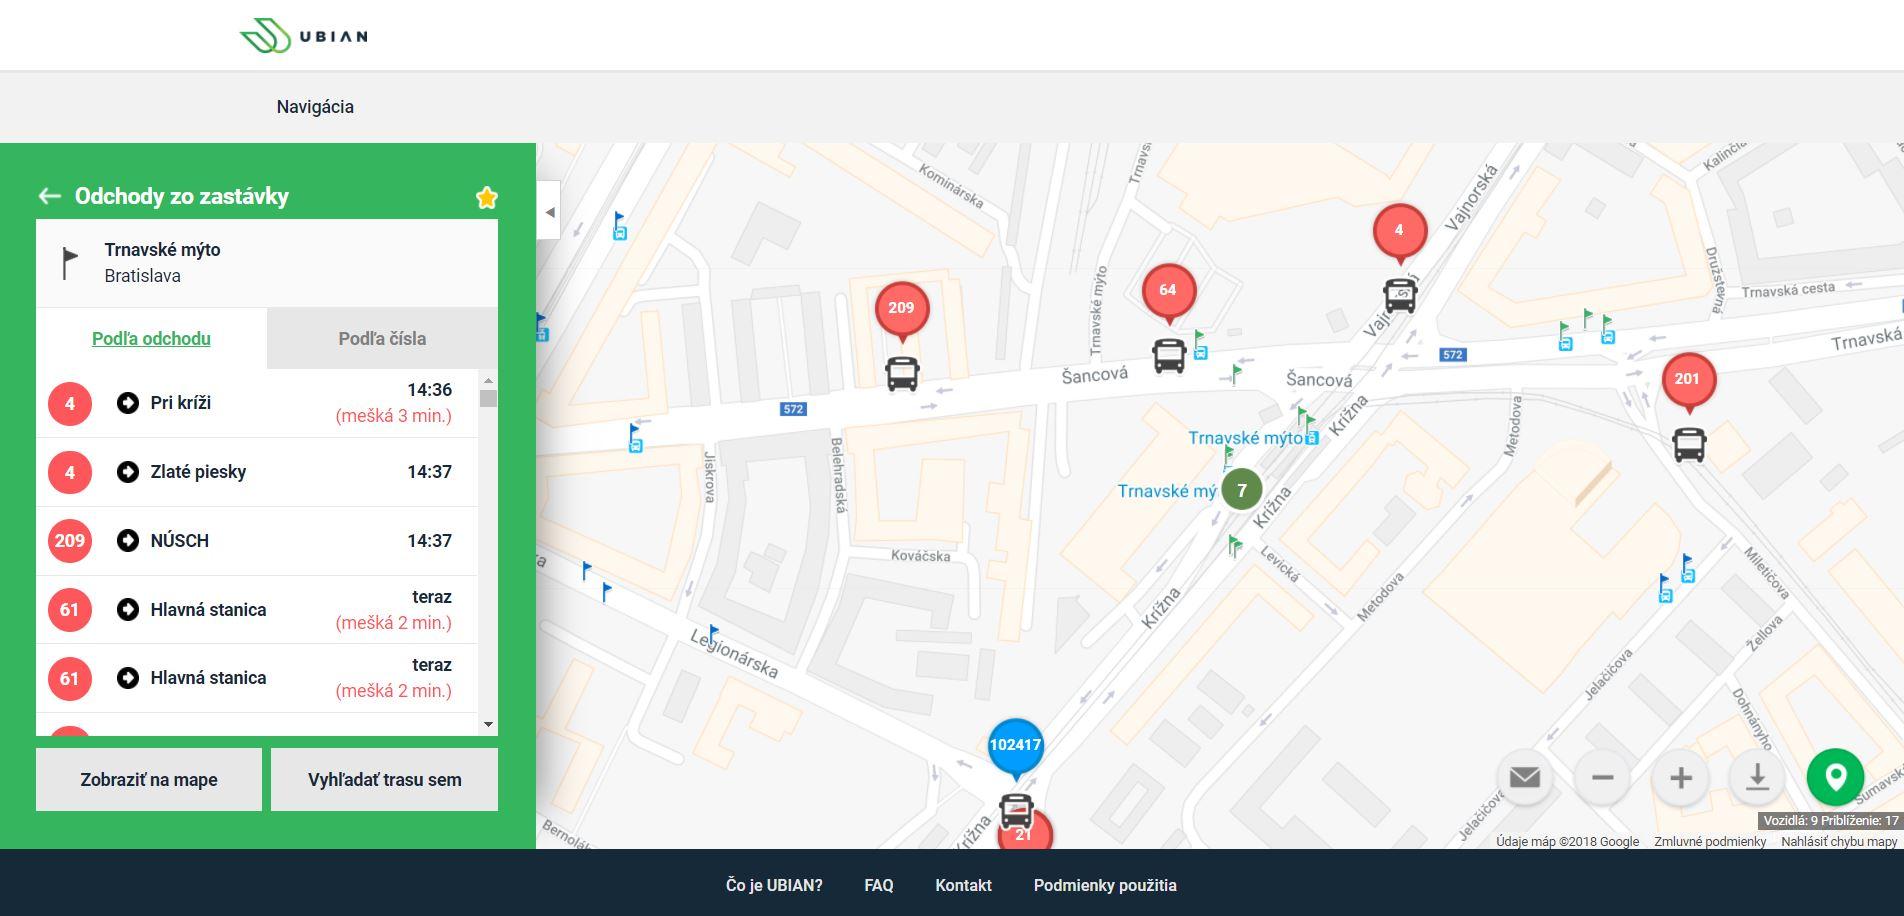 Inteligentní aplikace UBIAN od slovenské společnosti TransData, která se představila na veletrhu BUS SHOW zdravá doprava 2018 (foto: DataTrans